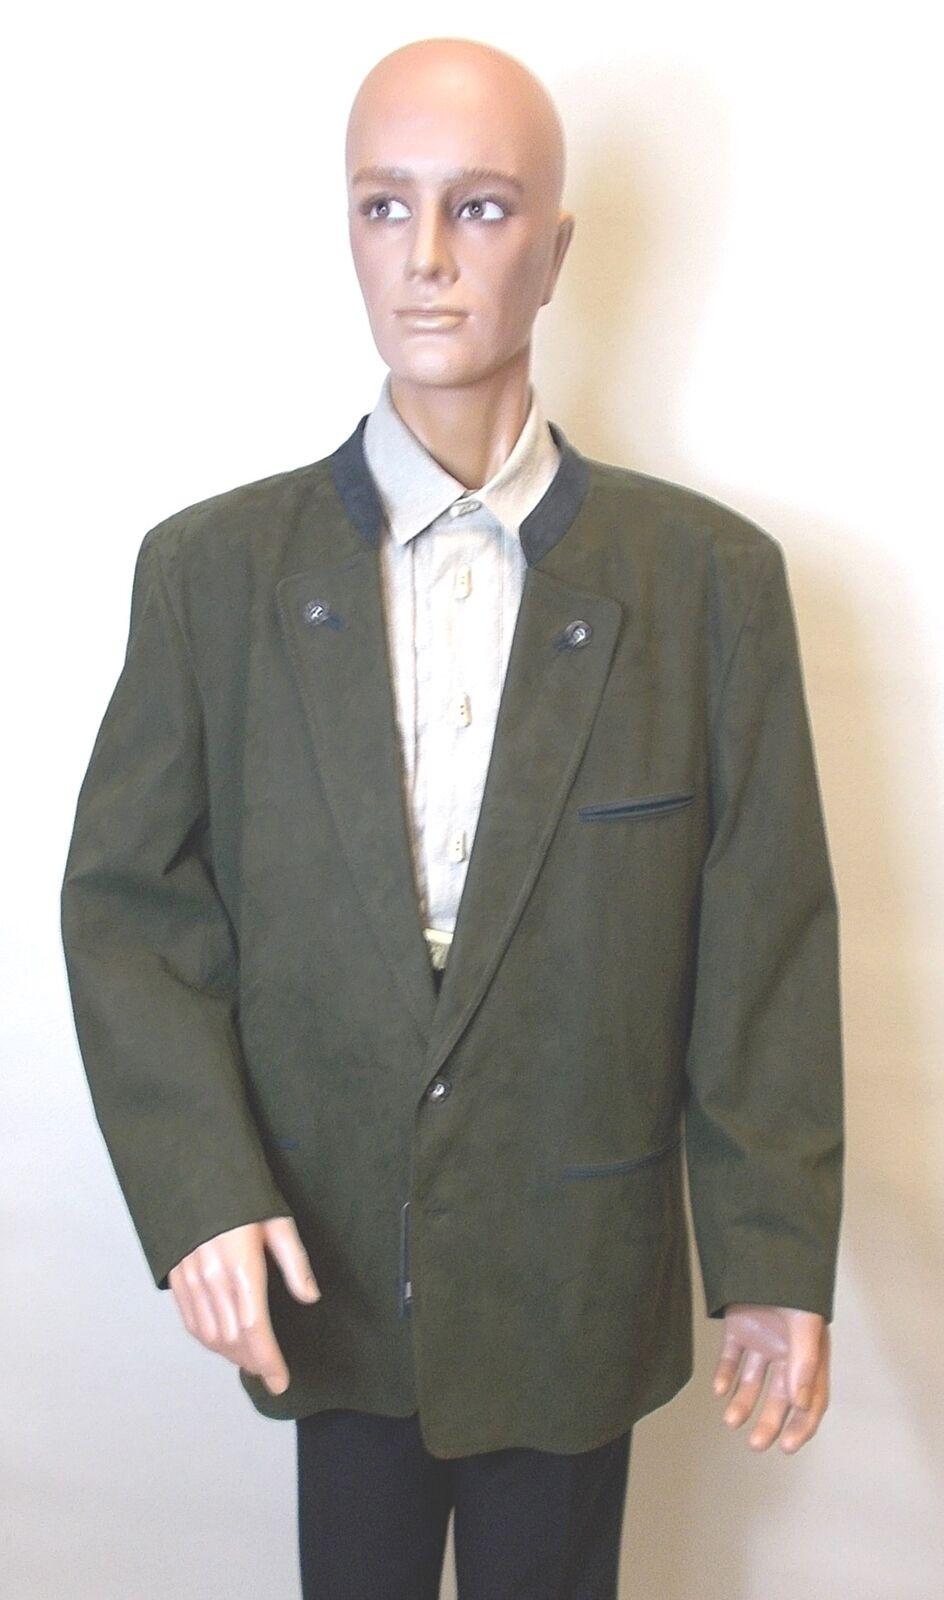 Trachten Blazer  Amaretta   Sakko Herren  Gr. 27 Trachtenjanker Grün Velourleder   Sale Online    Modern Und Elegant    Online-verkauf    Fairer Preis    Zu einem niedrigeren Preis